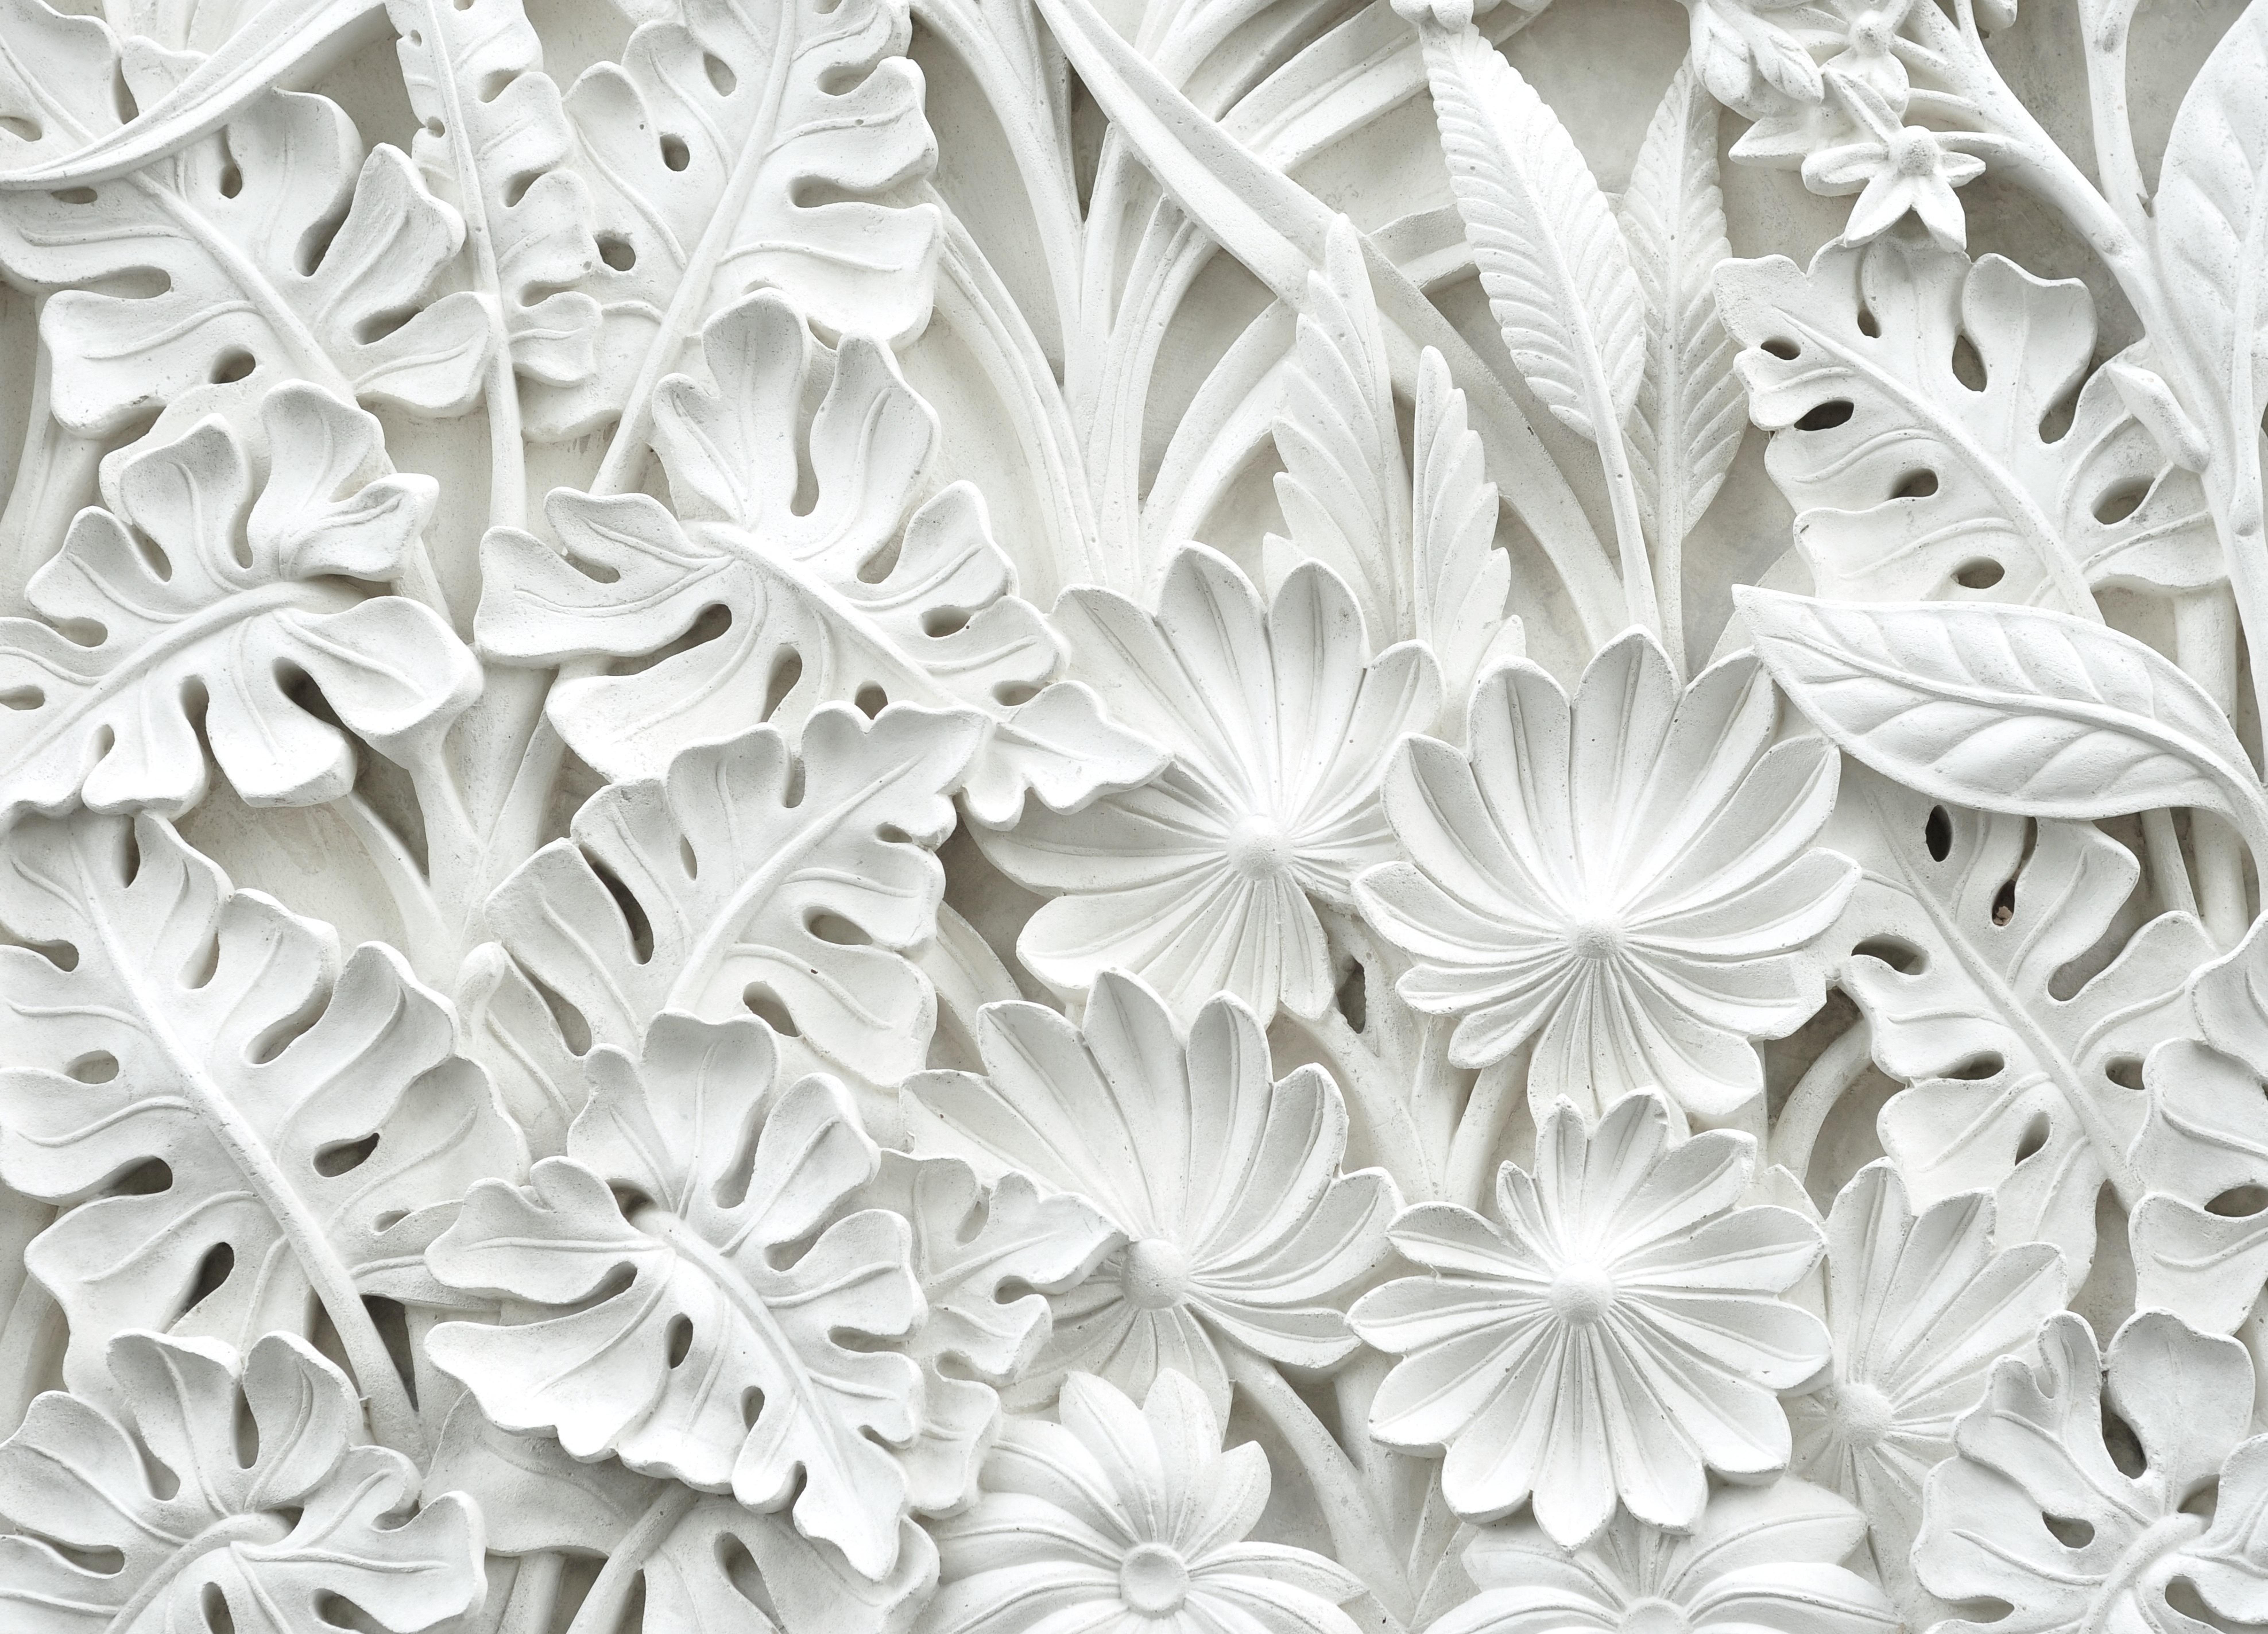 Download 5000+ Wallpaper Bunga Grayscale  Terbaik